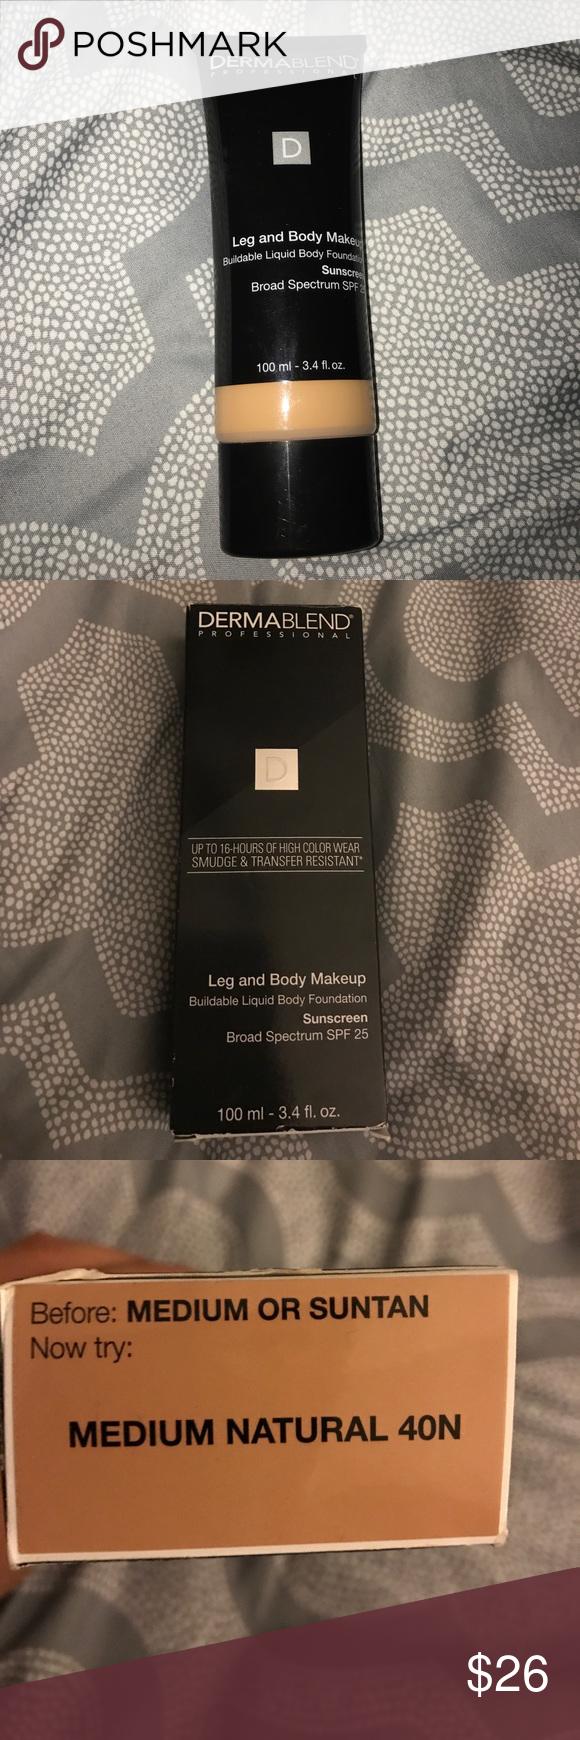 Dermablend Dermablend, Body makeup, Body sunscreen